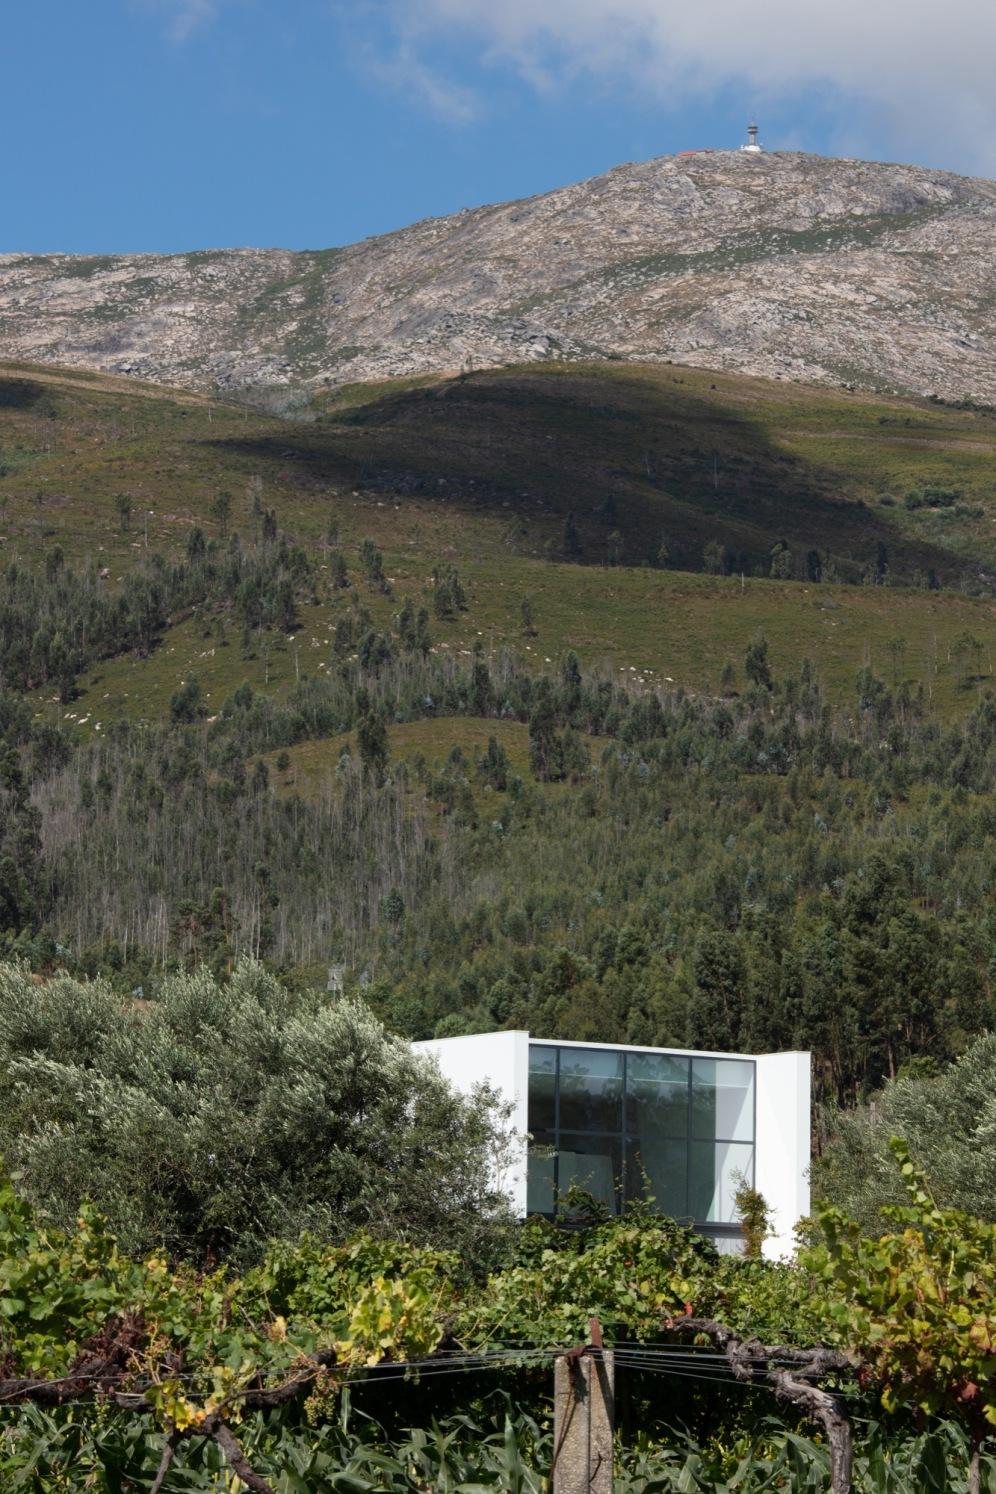 Casa de Gafarim, Alçado Nordeste